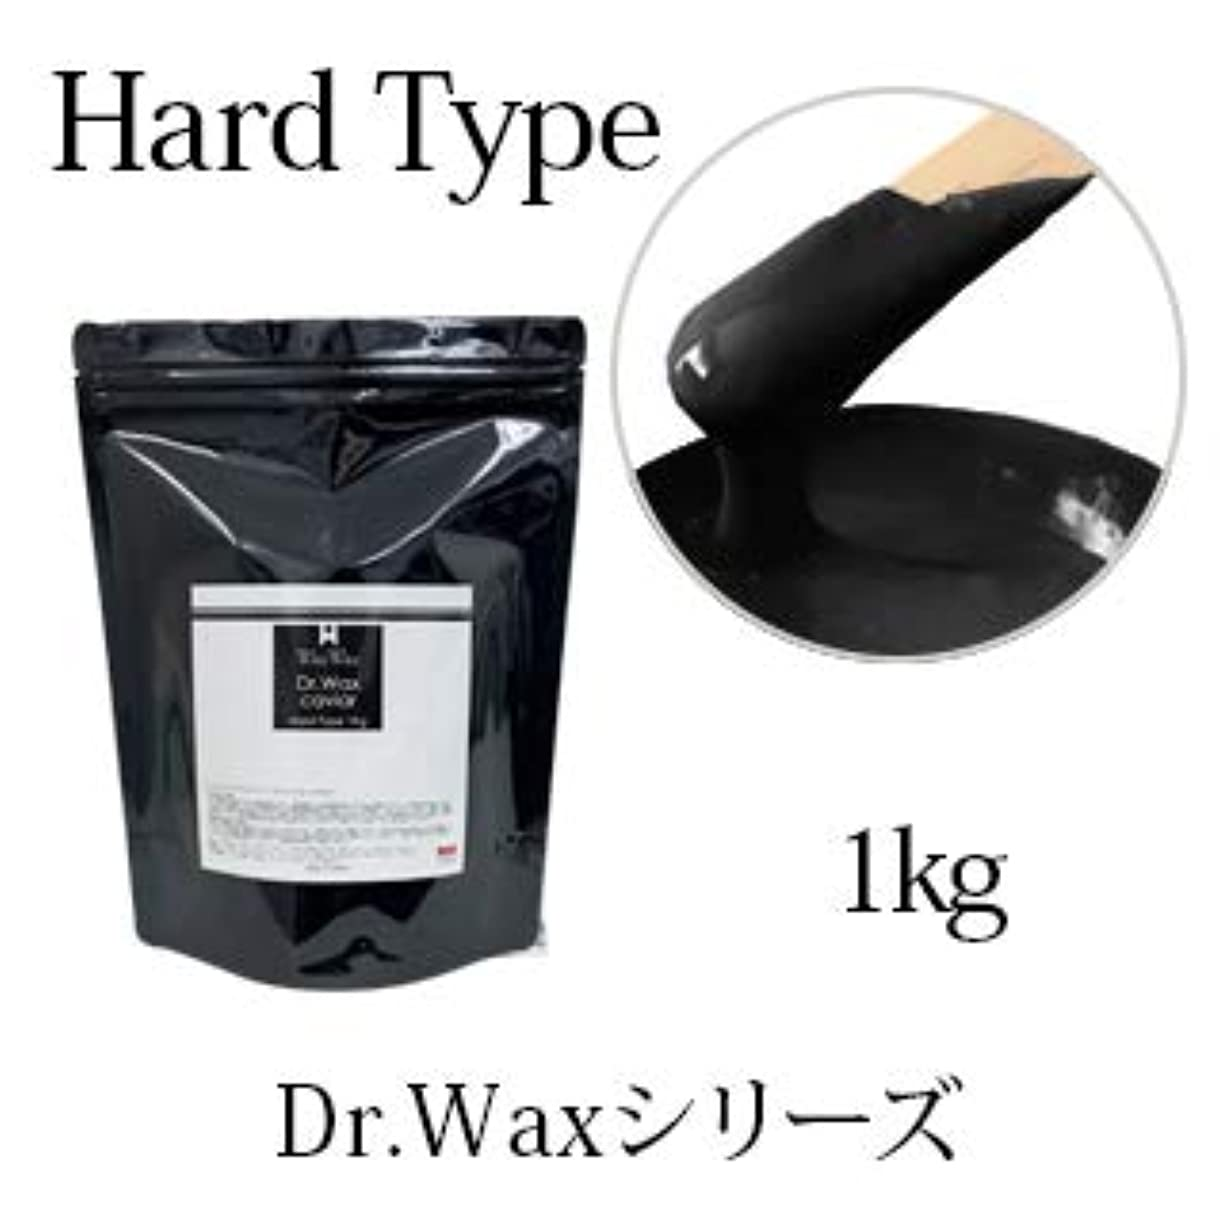 才能キャプション山【Dr.waxシリーズ】ワックス脱毛 粒タイプ 紙を使用しない ハードワックス (キャビア 1kg)